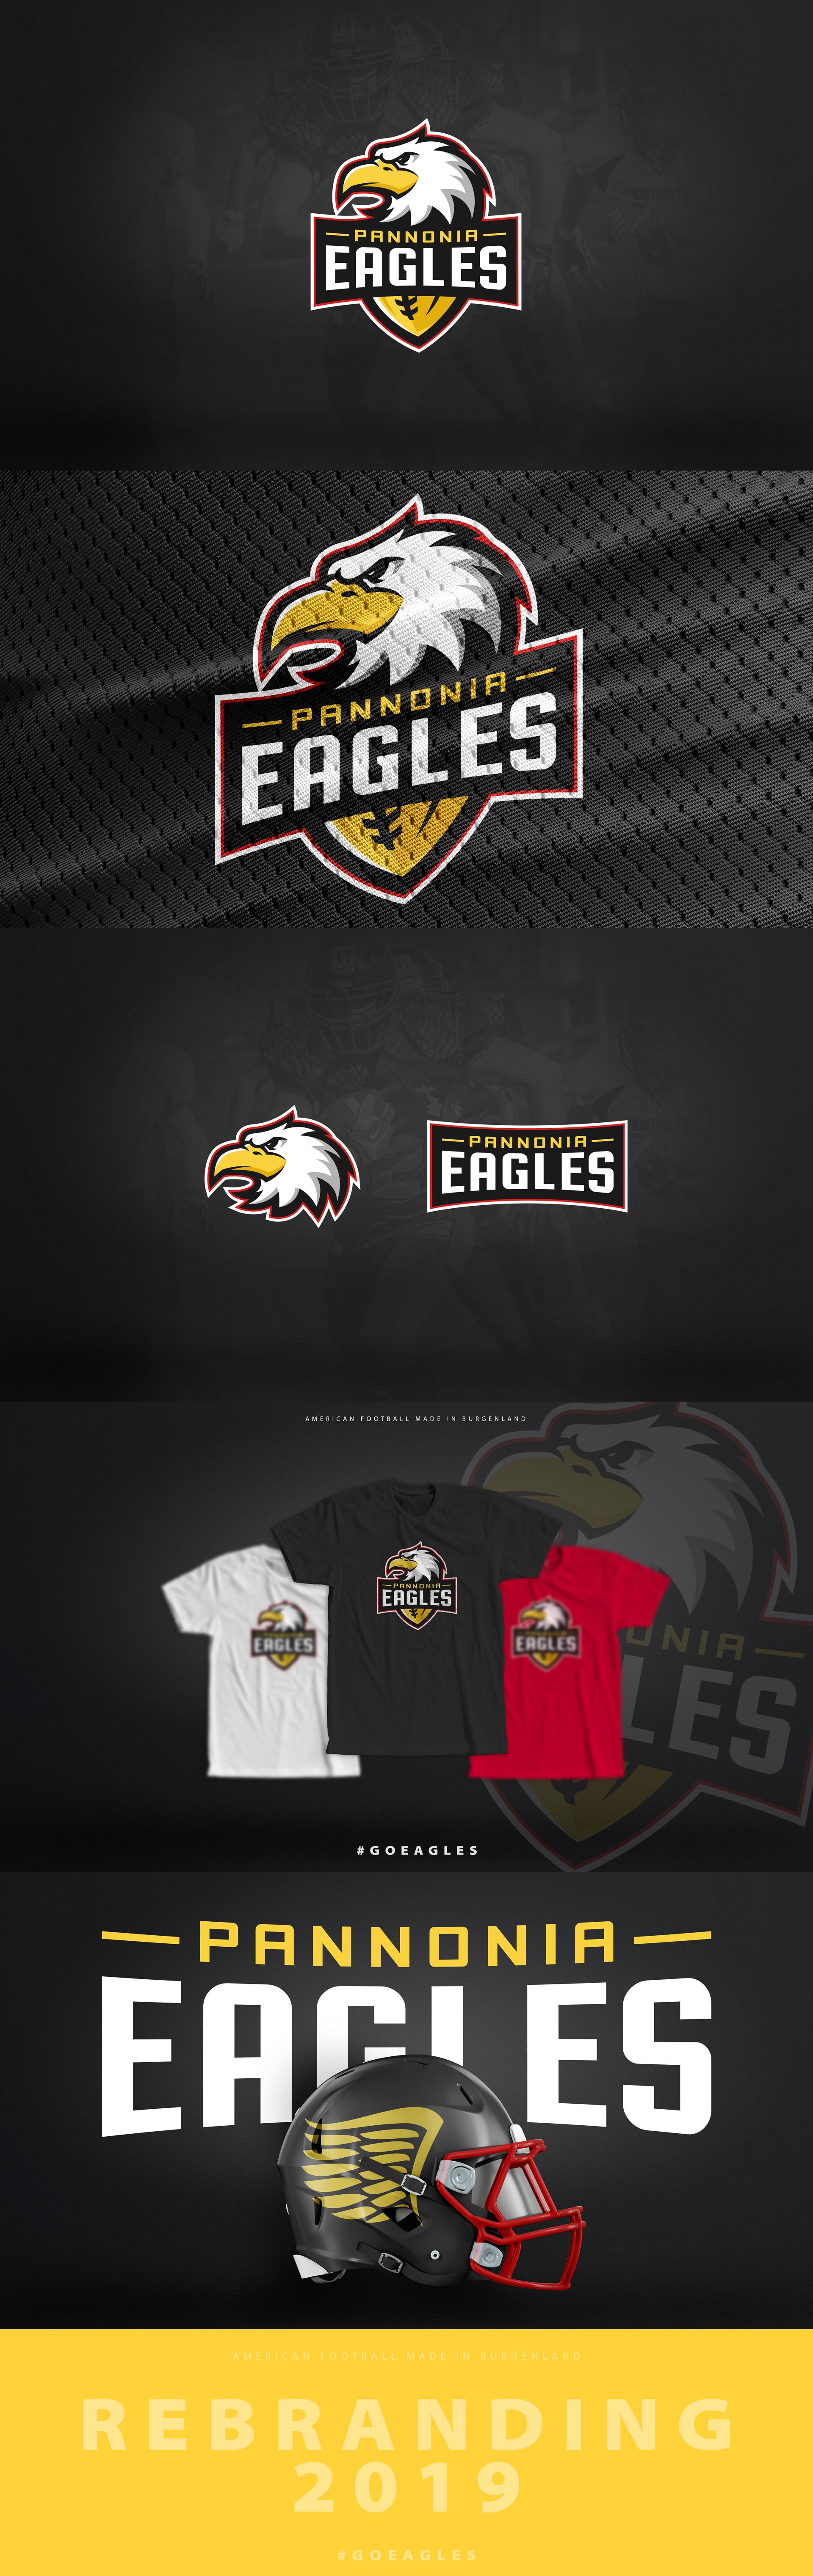 eagles branding 2019